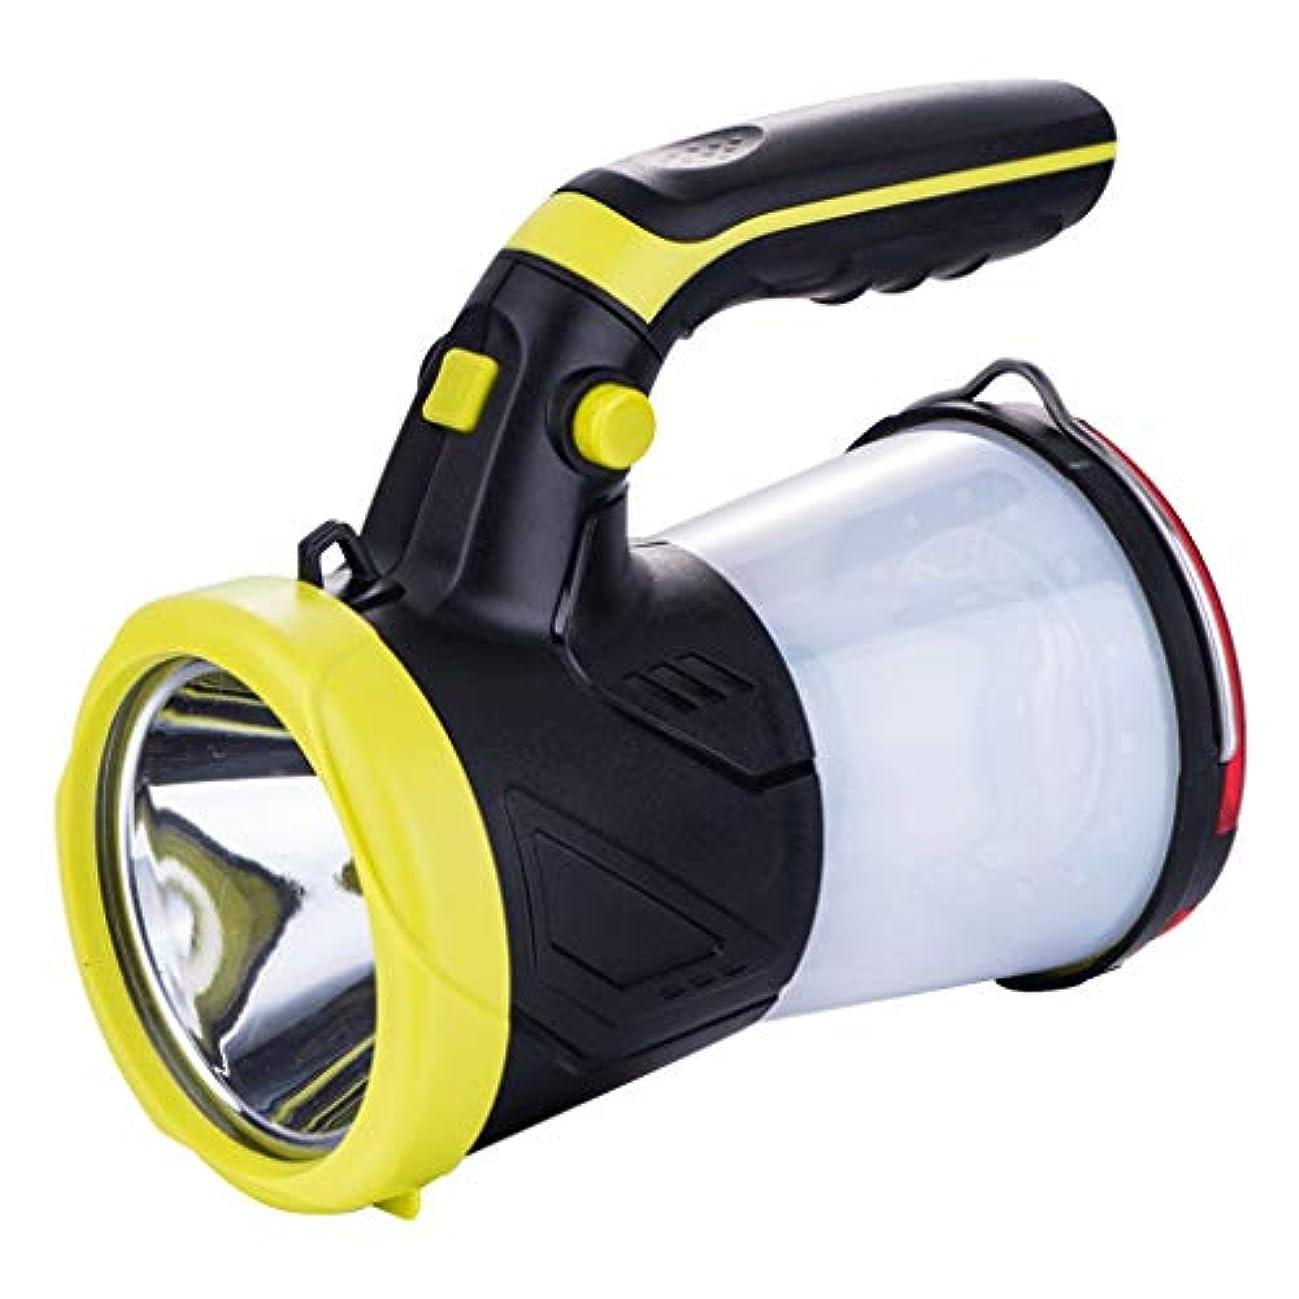 熱帯のむしろ限られたContinuous 釣りライト、キセノン懐中電灯LEDサーチライトナイトランプ緊急充電超軽量ポータブル屋外ランタン Long service life (色 : 10W)